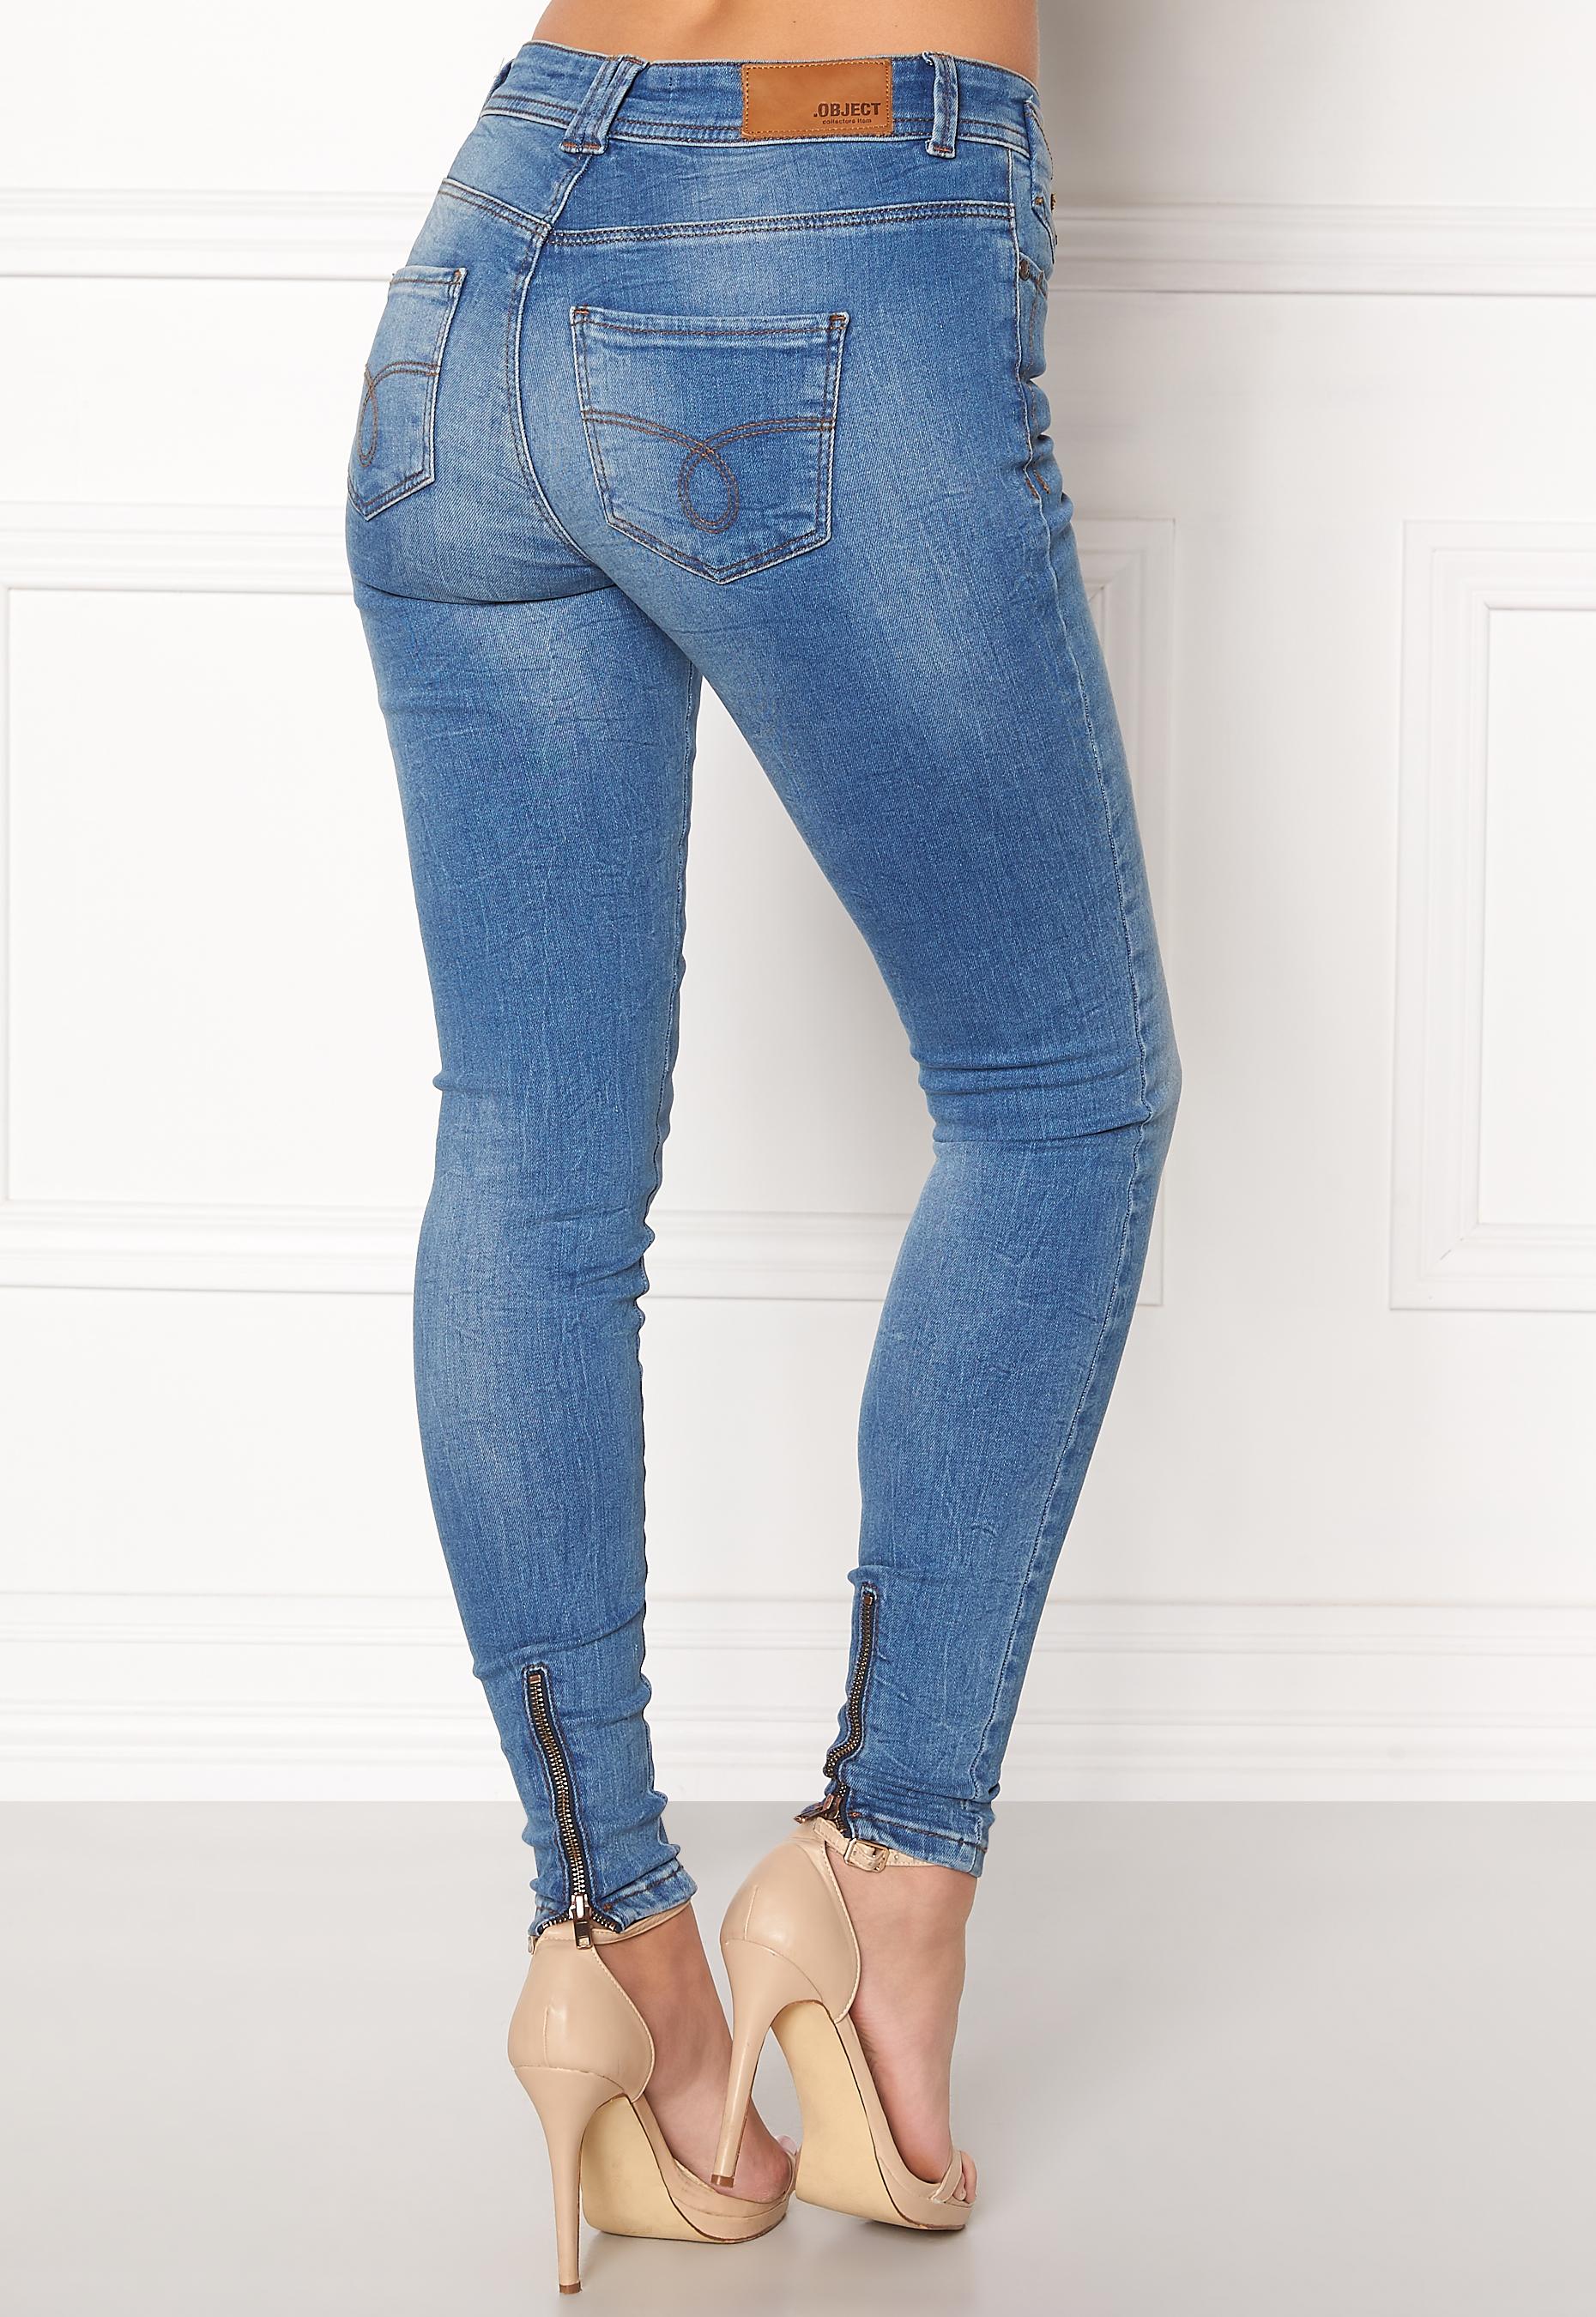 5d06b28f15 OBJECT Sarah Skinny Jeans Medium Blue Denim - Bubbleroom